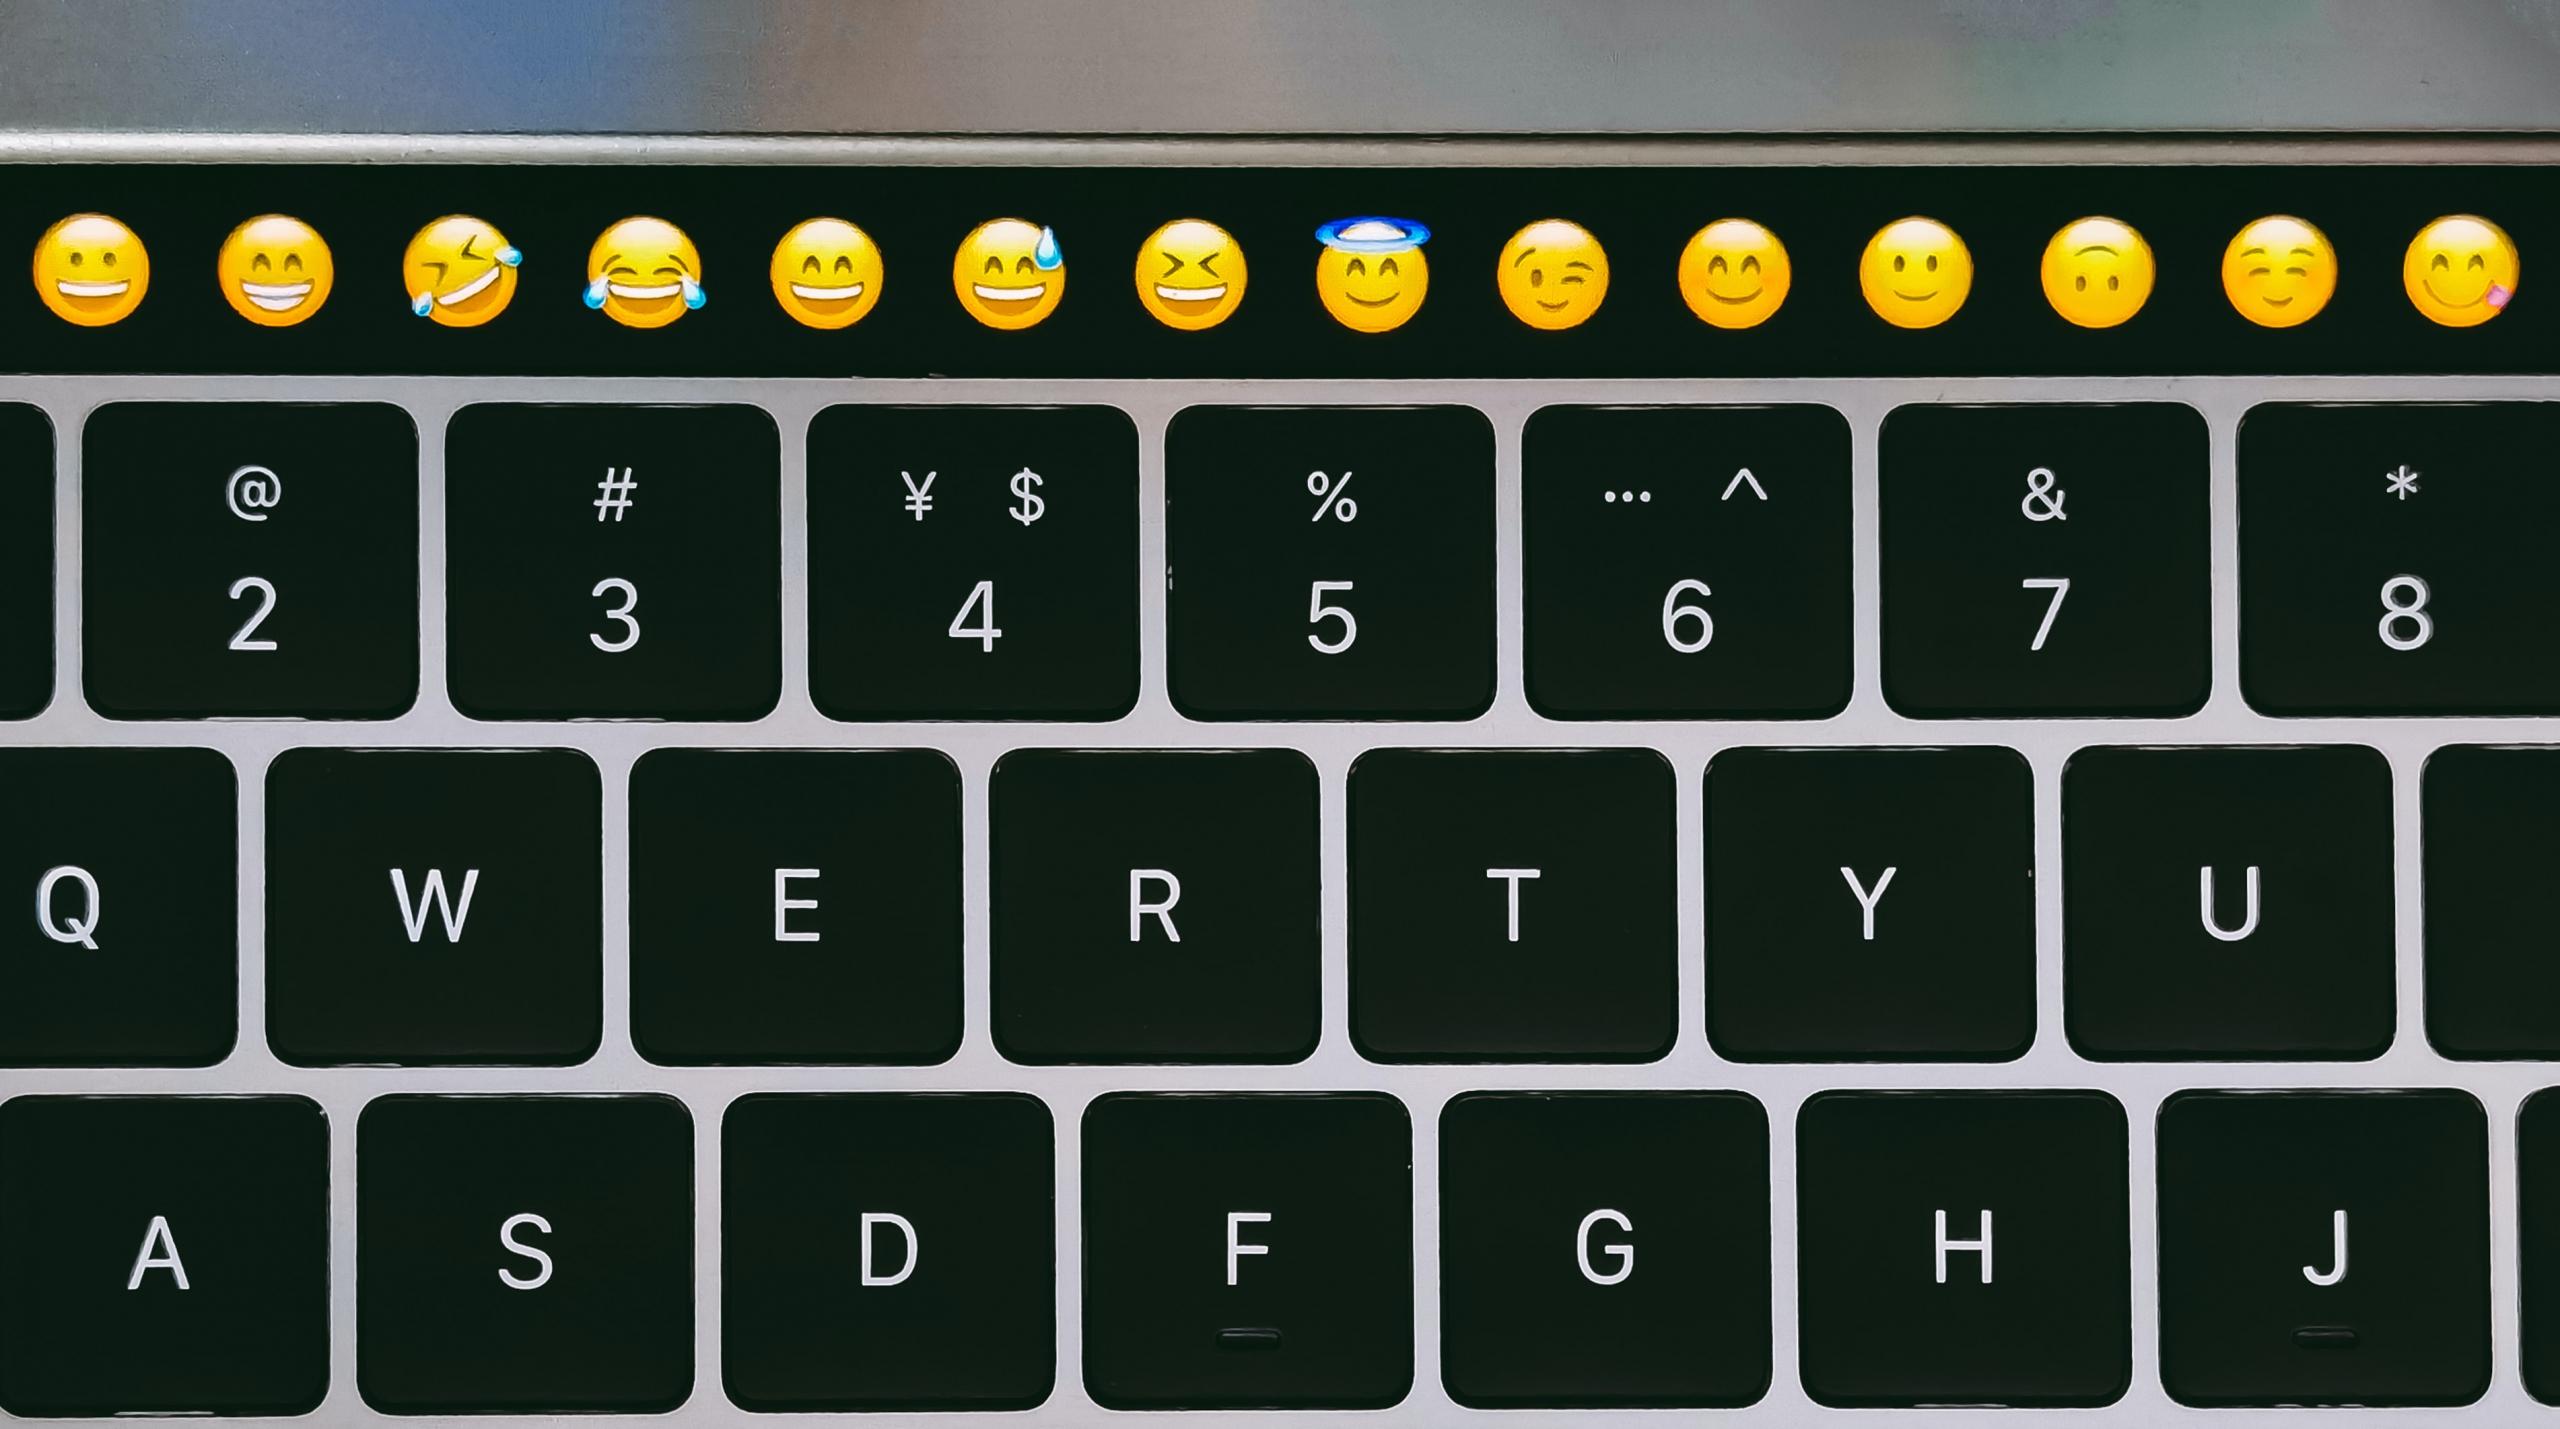 Emojis on top bar of laptop